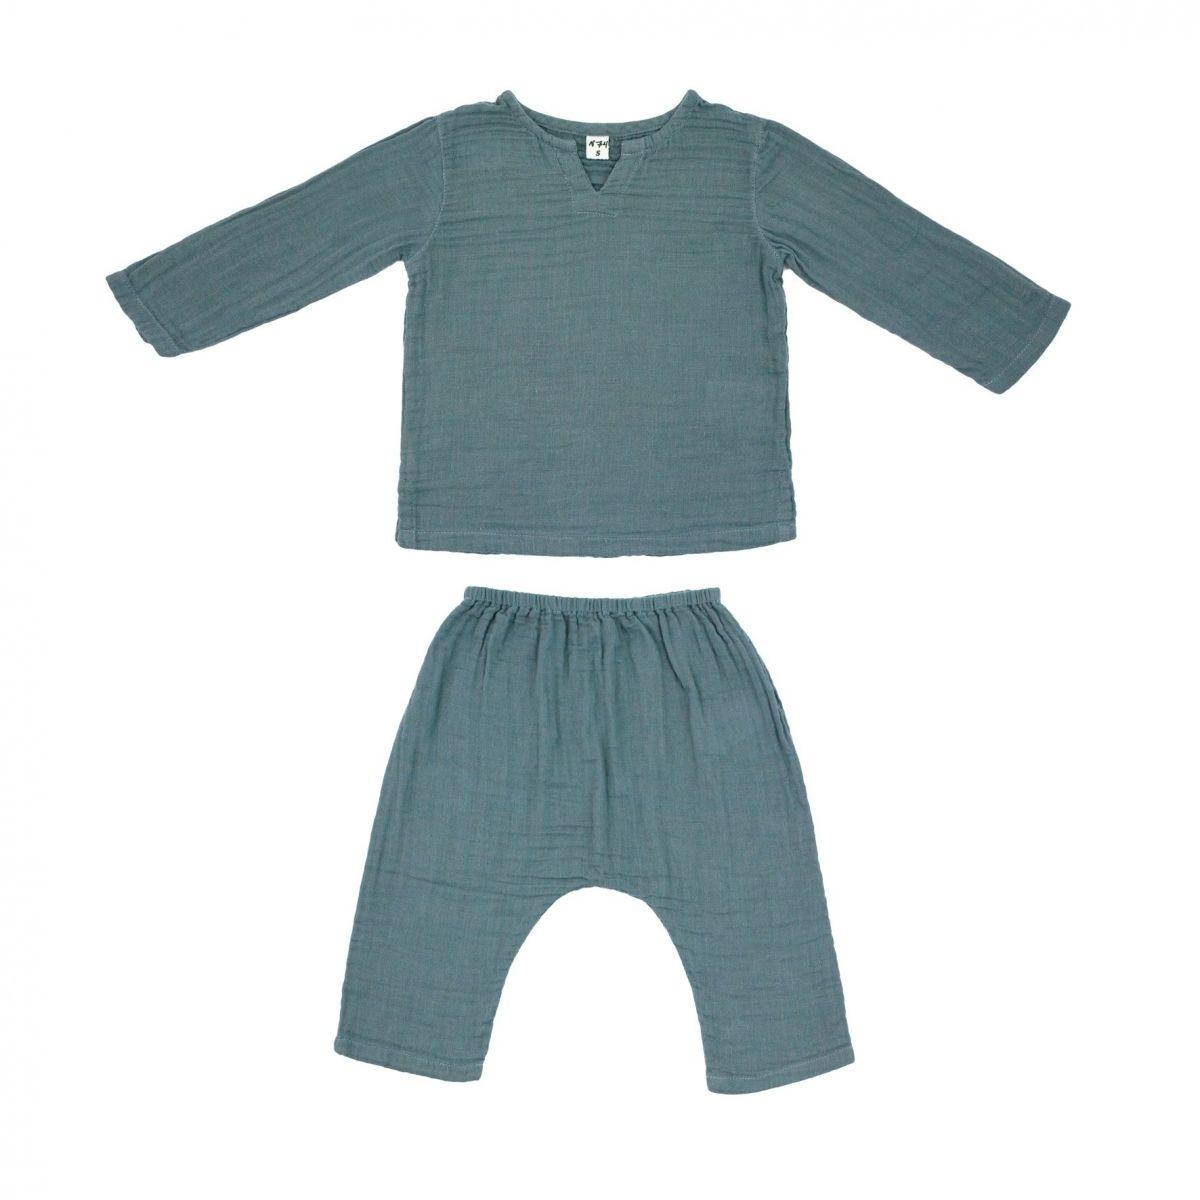 Komplet Zac koszulka & spodnie szaroniebieski - Numero 74